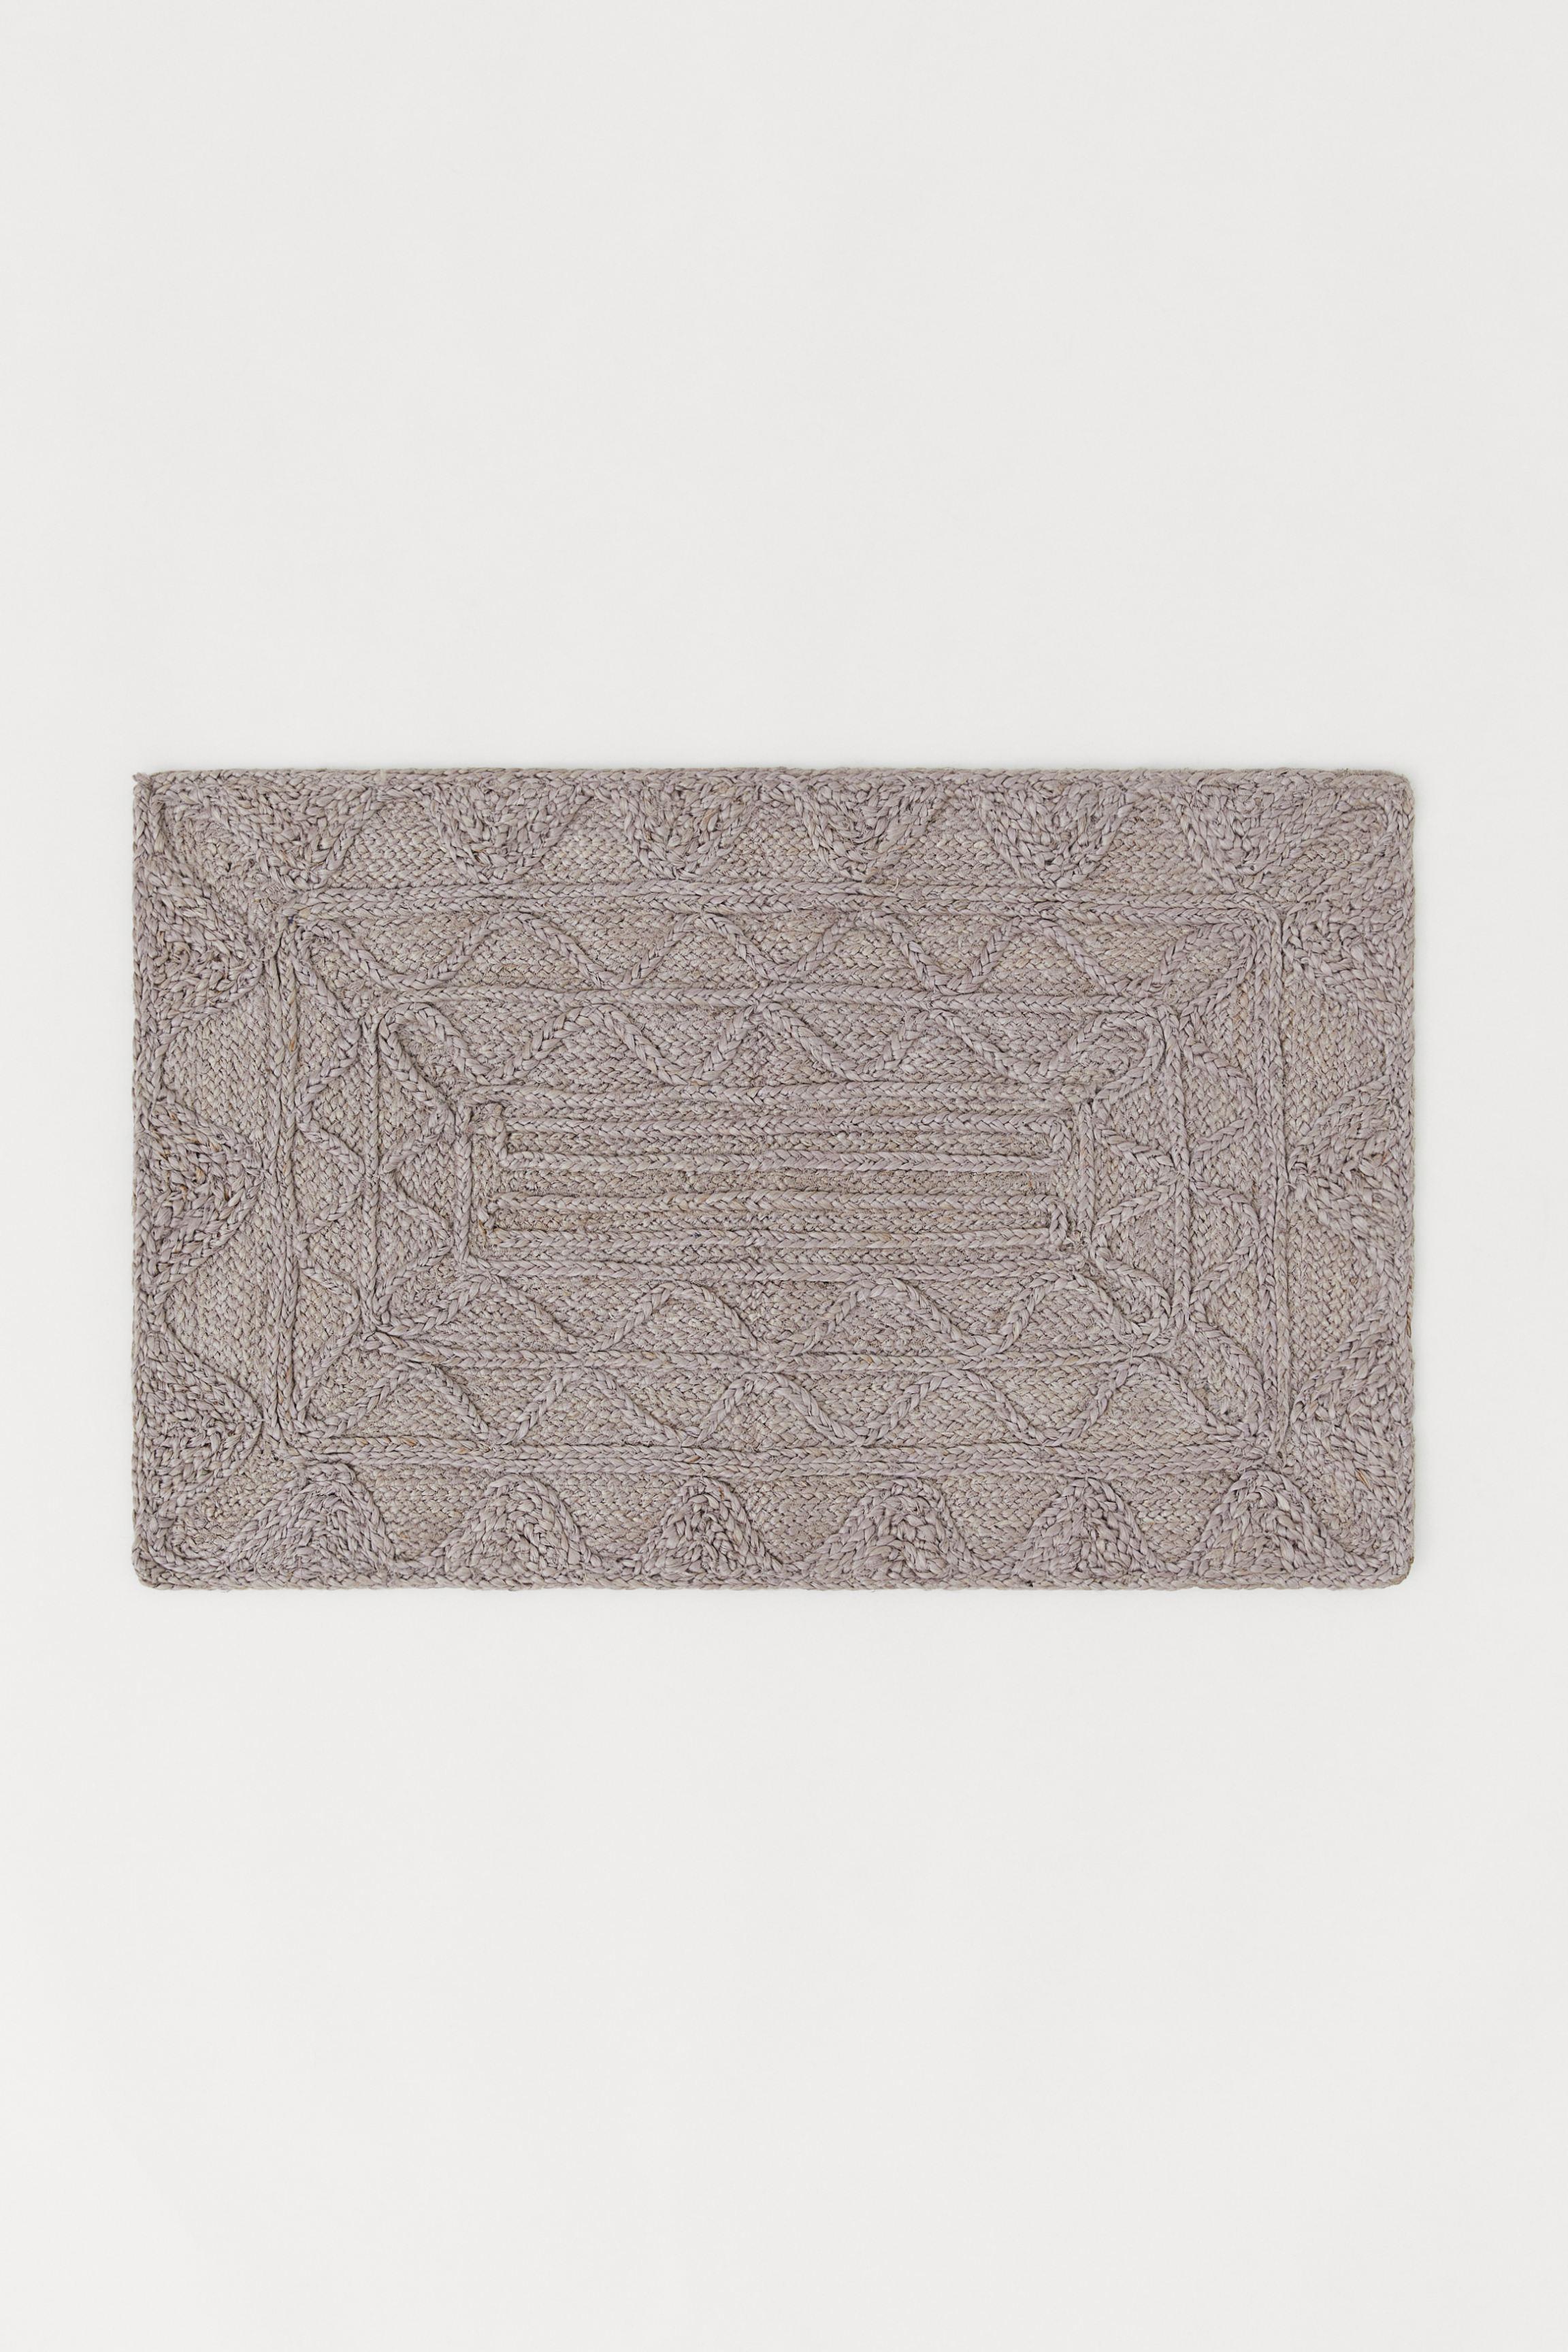 Braided Jute Doormat